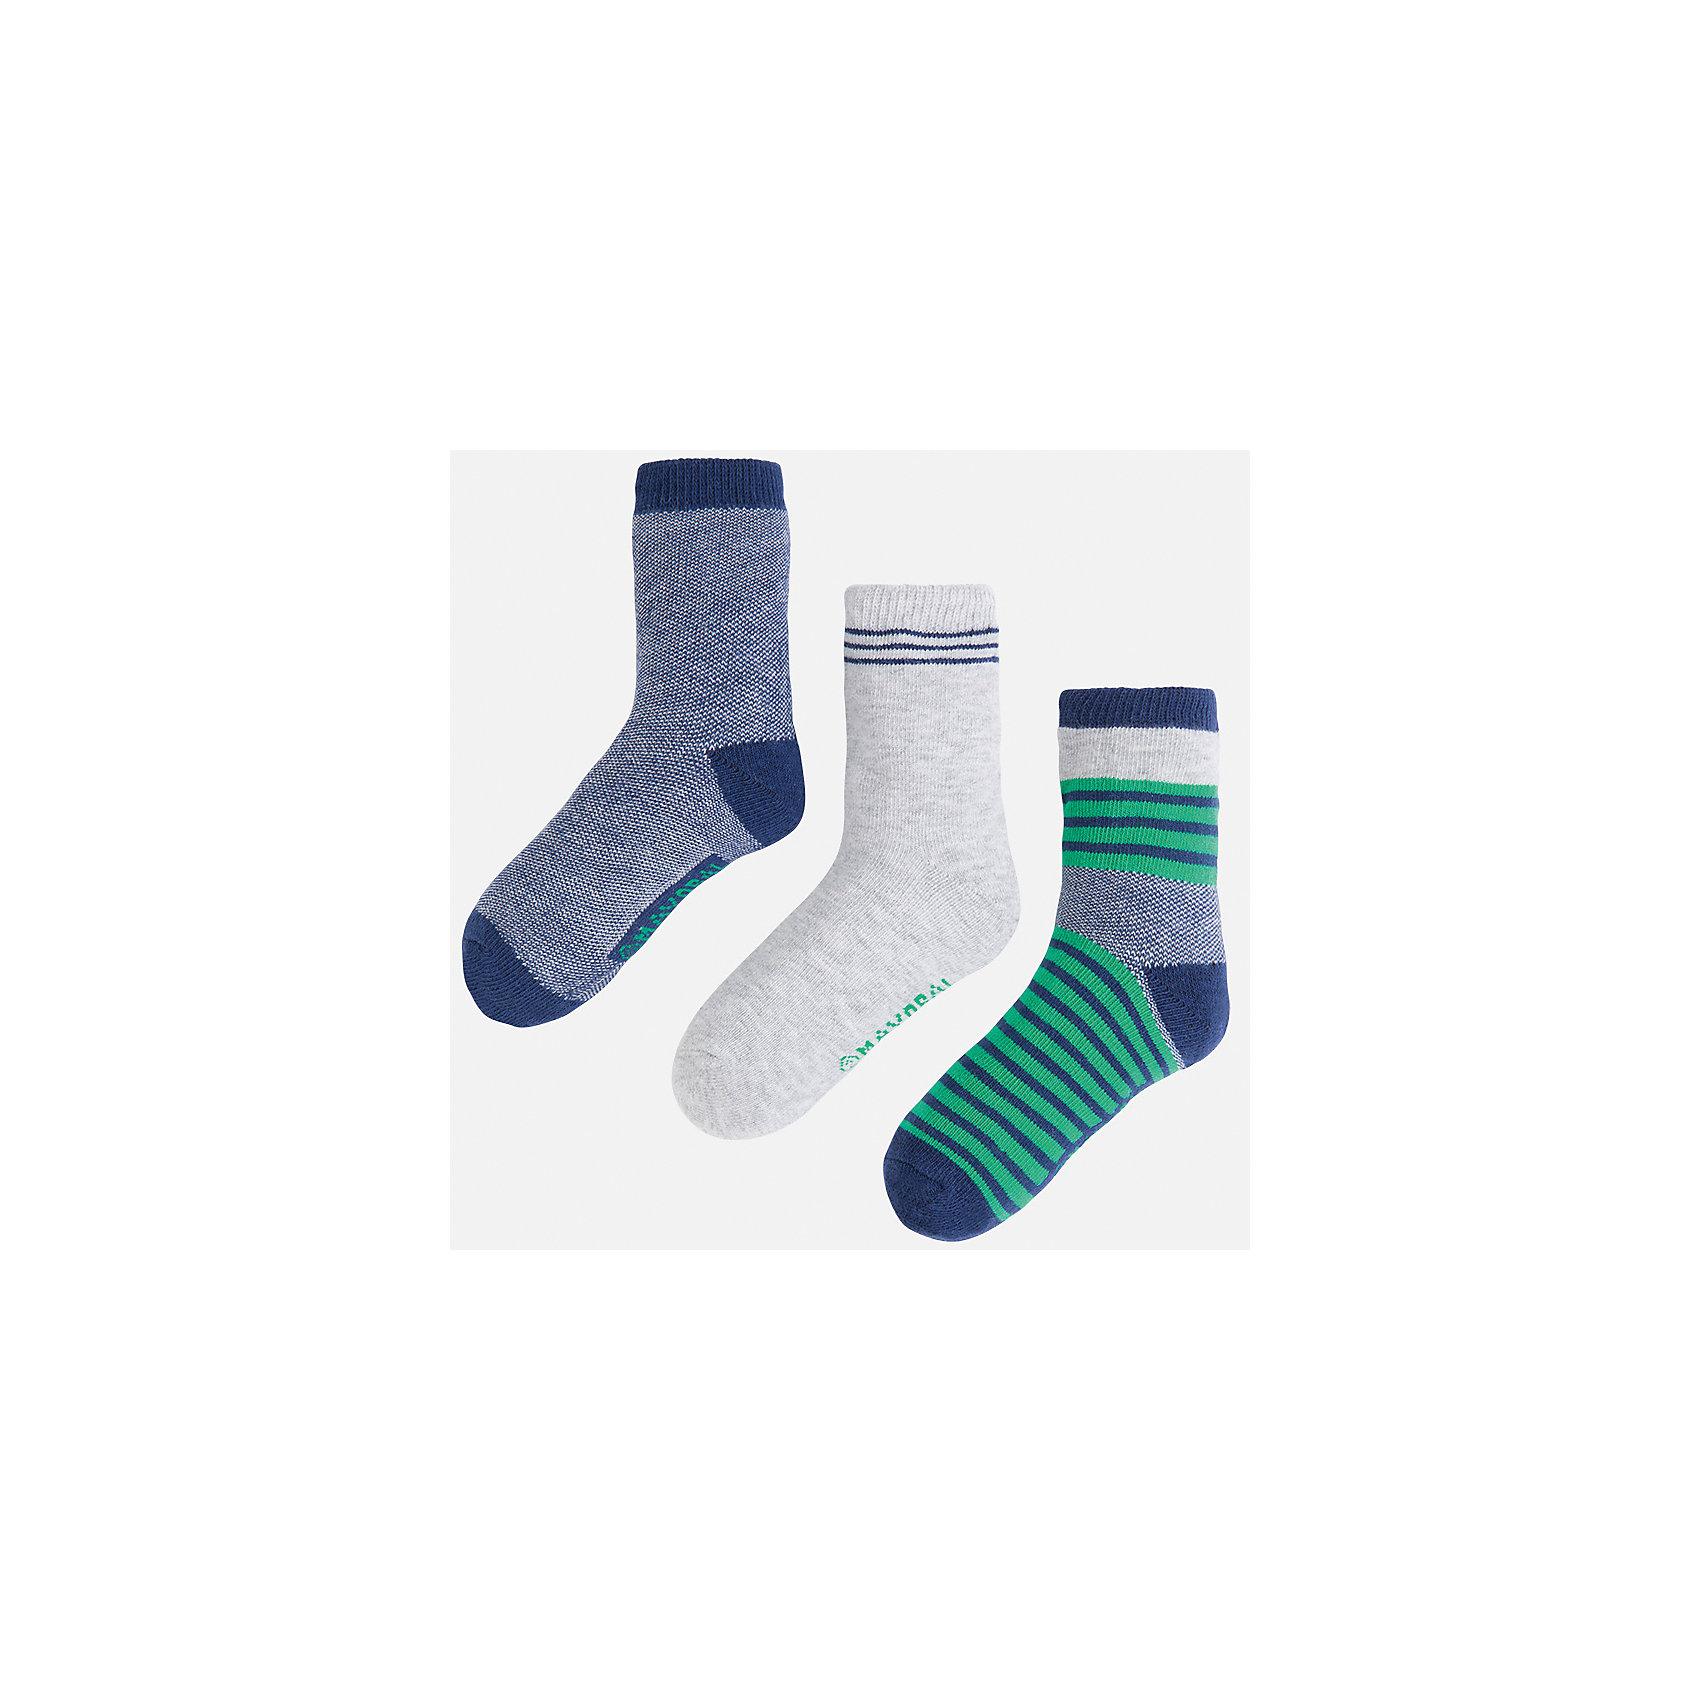 Носки (3 пары) для мальчика MayoralНоски<br>Характеристики товара:<br><br>• цвет: серый/синий/зеленый<br>• состав: 78% хлопок, 20% полиамид, 2% эластан<br>• комплектация: три пары<br>• мягкая резинка<br>• эластичный материал<br>• декорированы рисунком<br>• страна бренда: Испания<br><br>Удобные симпатичные носки для мальчика помогут обеспечить ребенку комфорт и дополнить наряд. Универсальный цвет позволяет надевать их под обувь разных расцветок. Носки удобно сидят на ноге и аккуратно смотрятся. Этот комплект - практичный и красивый! В составе материала - натуральный хлопок, гипоаллергенный, приятный на ощупь, дышащий. <br><br>Одежда, обувь и аксессуары от испанского бренда Mayoral полюбились детям и взрослым по всему миру. Модели этой марки - стильные и удобные. Для их производства используются только безопасные, качественные материалы и фурнитура. Порадуйте ребенка модными и красивыми вещами от Mayoral! <br><br>Носки (3 пары) для мальчика от испанского бренда Mayoral (Майорал) можно купить в нашем интернет-магазине.<br><br>Ширина мм: 87<br>Глубина мм: 10<br>Высота мм: 105<br>Вес г: 115<br>Цвет: зеленый<br>Возраст от месяцев: 24<br>Возраст до месяцев: 48<br>Пол: Мужской<br>Возраст: Детский<br>Размер: 4,2,8,6<br>SKU: 5294357